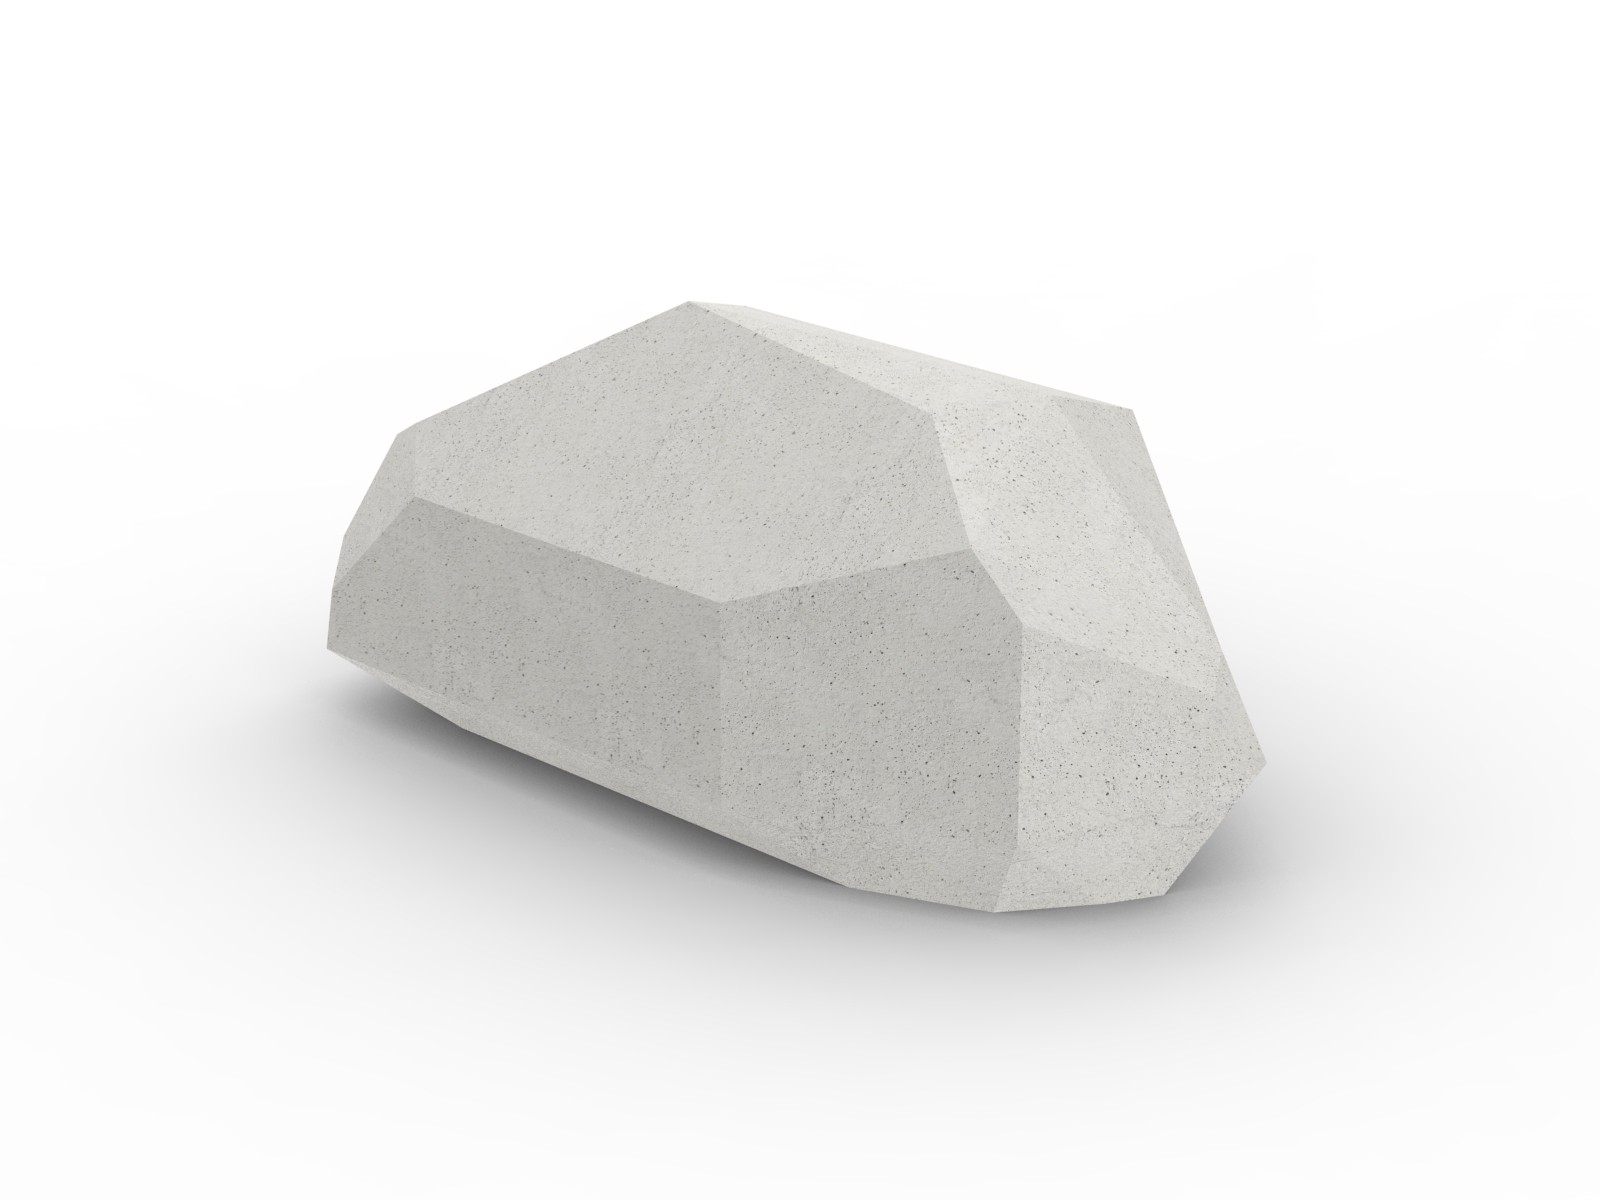 Stone zitelement beton steen om op te zitten zitkei met hoeken landschapselement zitsteen wit grijs zwart bruin naturel kleur massief beton landschap inrichting openbare ruimte betonnen straatmeubilair voor in park bos om op te spelen kinderen springen